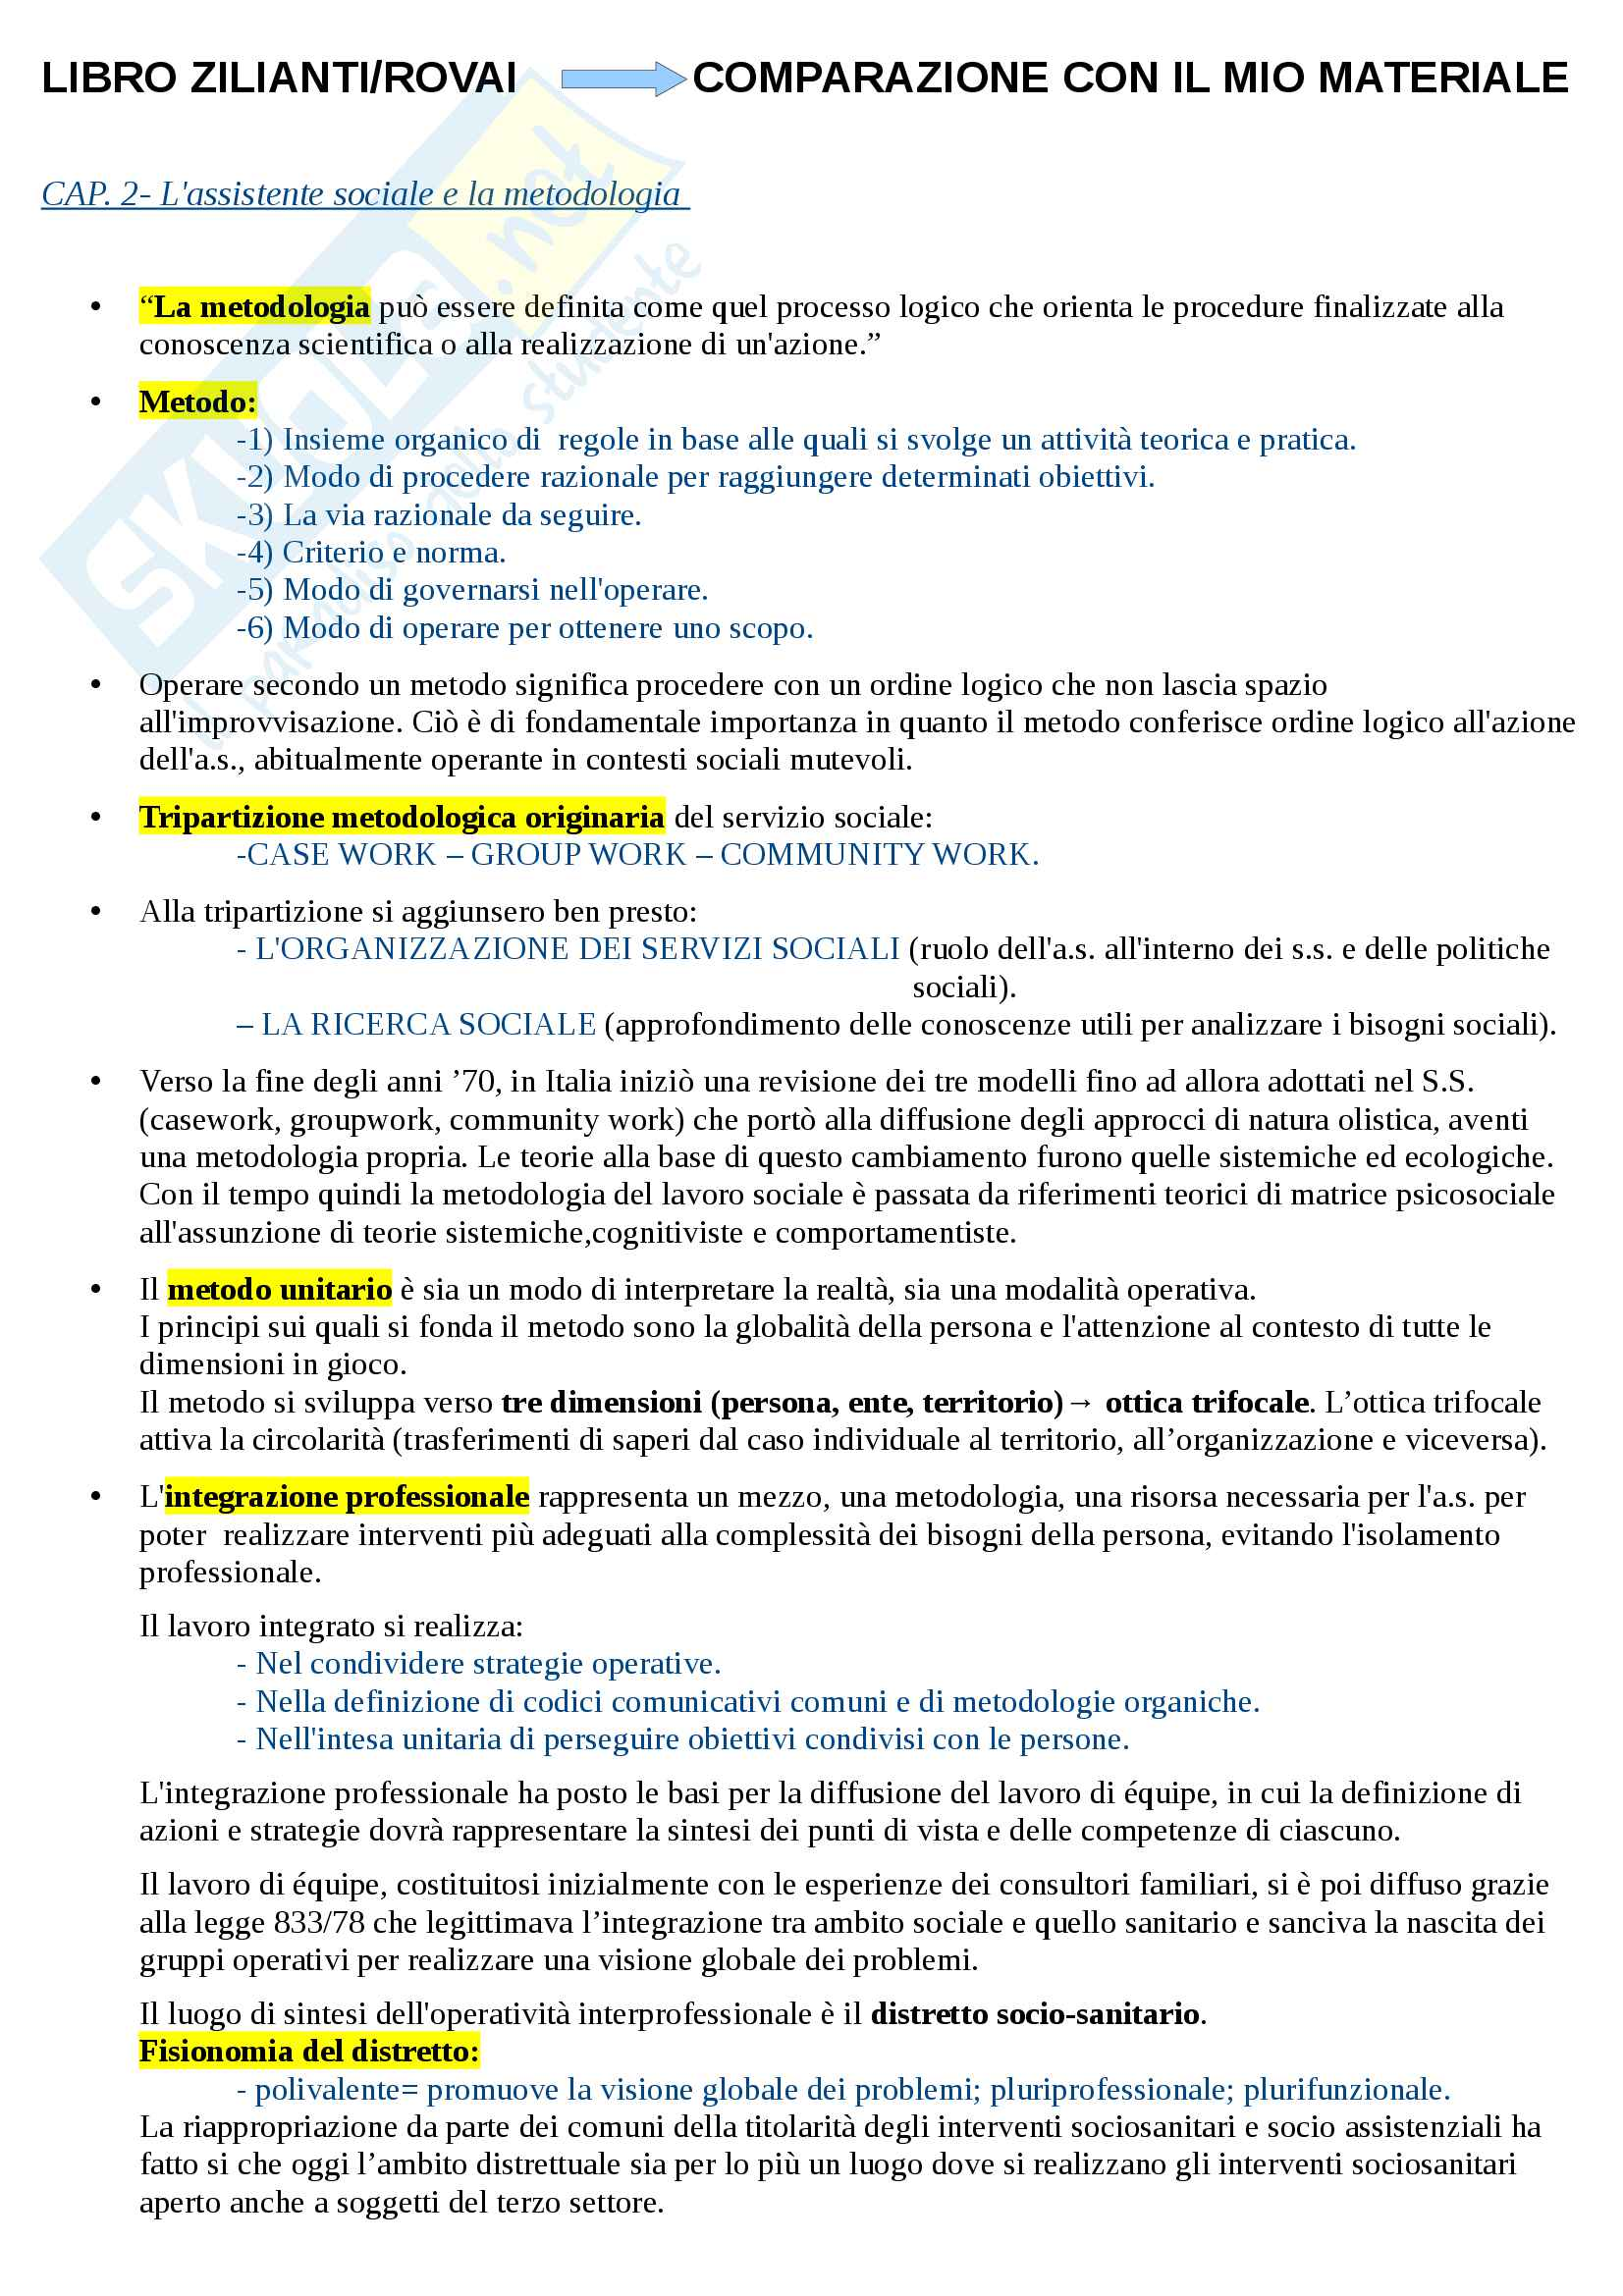 Riassunto esame Metodi e Tecniche del servizio sociale, libro consigliato Assistenti sociali professionisti, Zilianti, Rovai